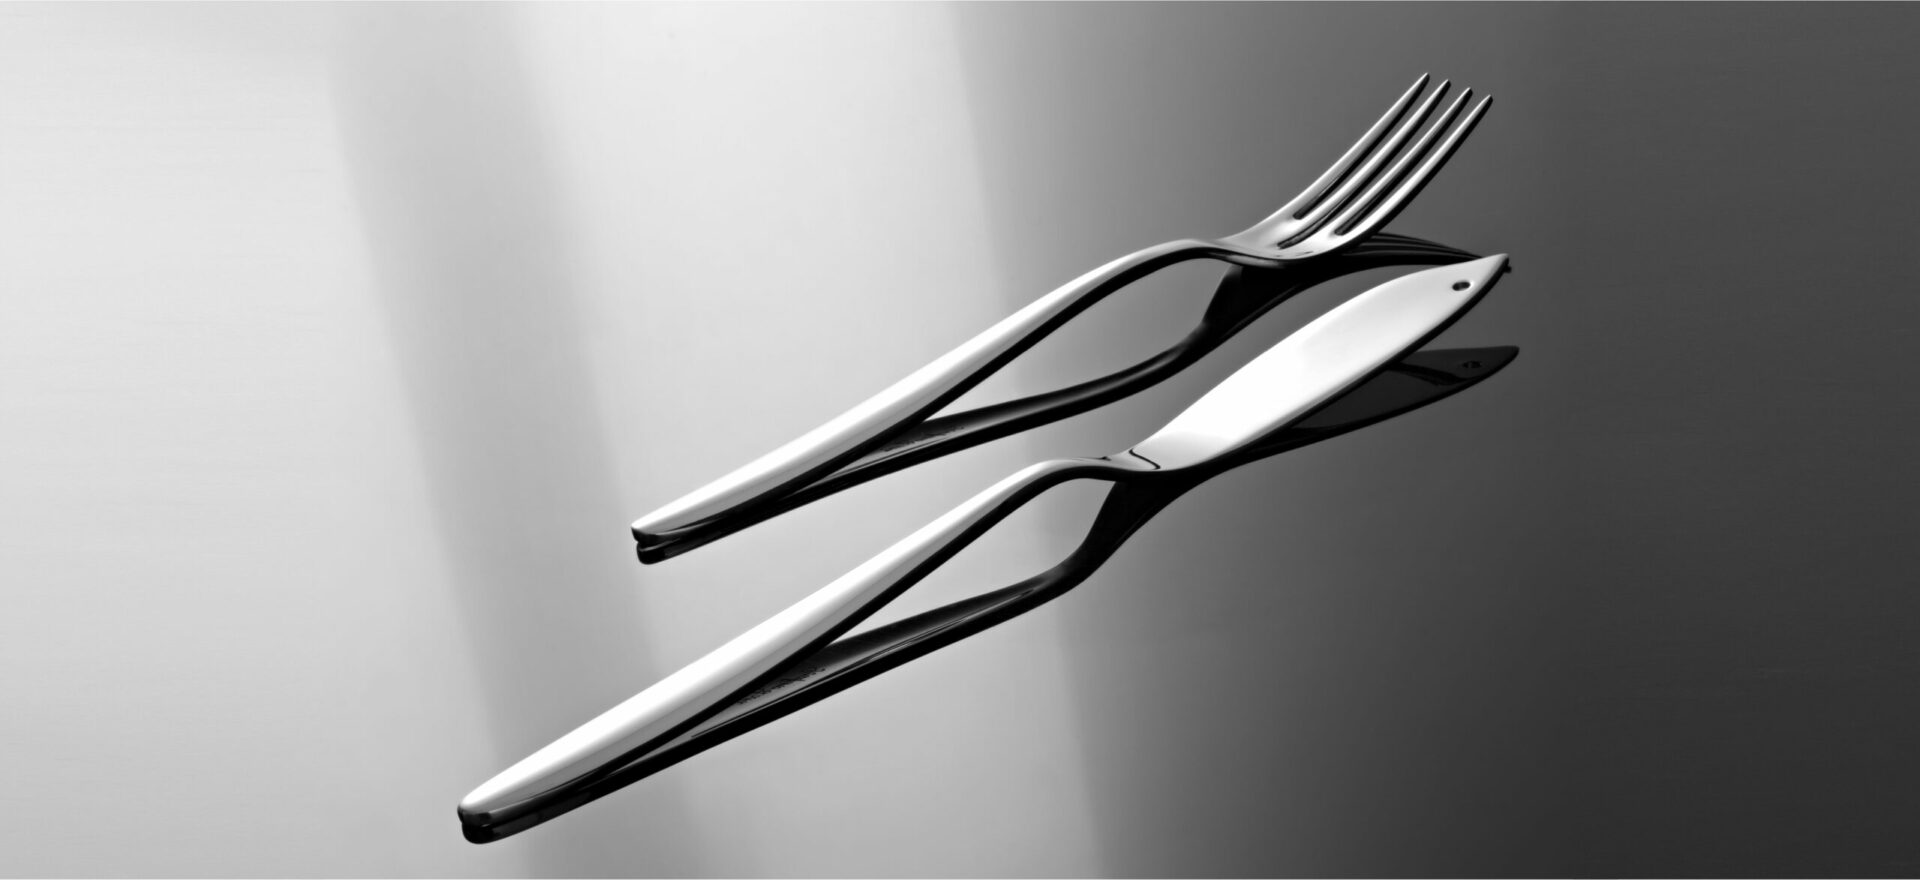 Elizabeth_design_Serafino Zani_Mario Trimarchi Design2_Santi Caleca